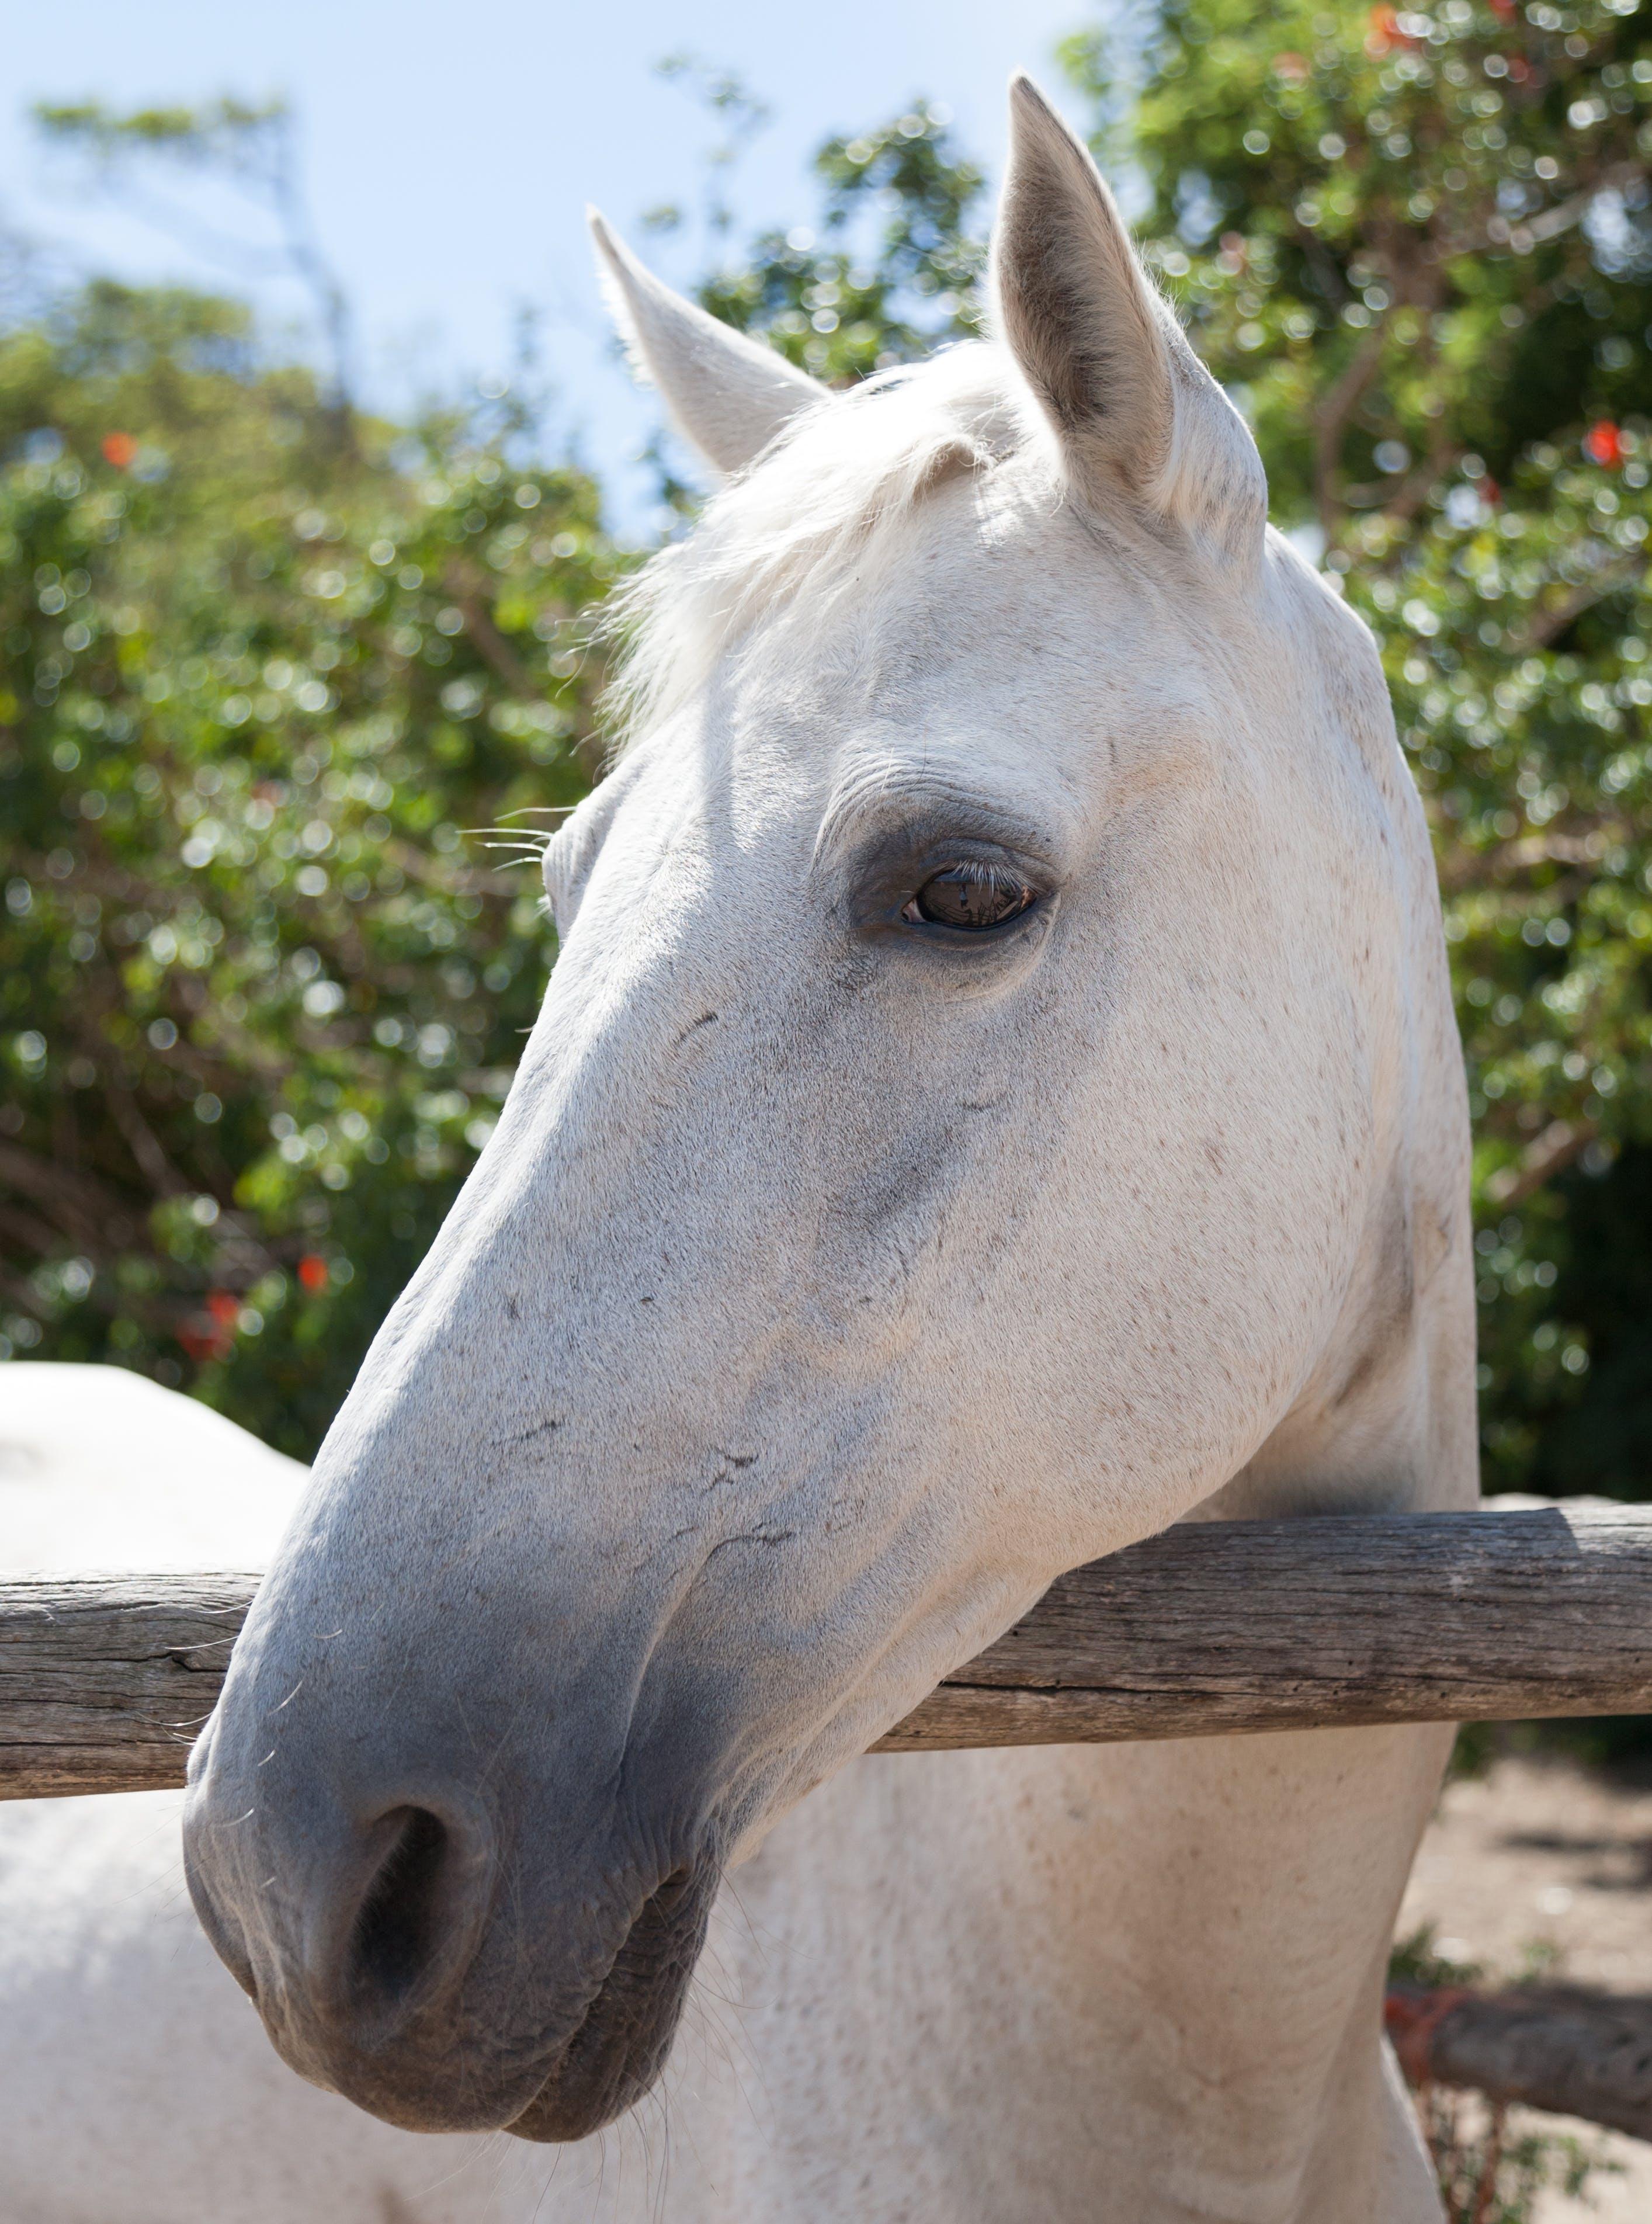 動物, 哺乳類, 牝馬, 種牡馬の無料の写真素材